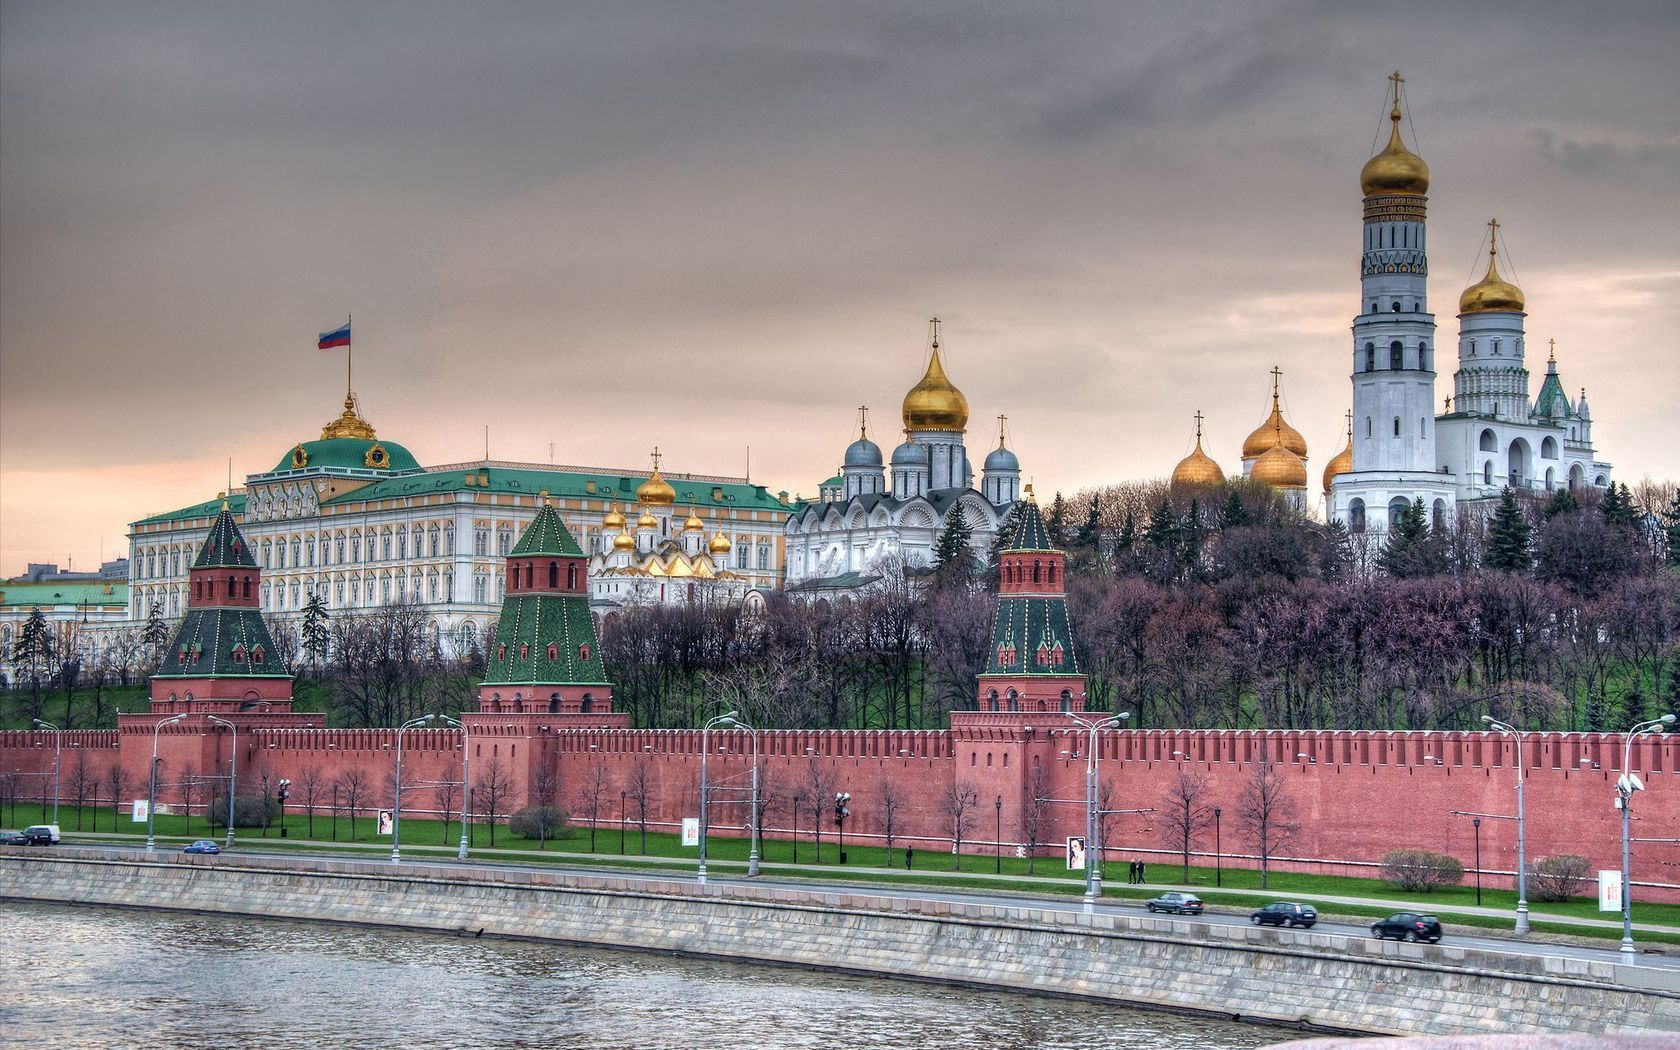 92003 papel de parede 1080x2400 em seu telefone gratuitamente, baixe imagens Cidades, Kremlin, Moscou, Cais, Têmpora, Templo, Igreja, O Dique, Capital, O Muro Do Kremlin, Parede Do Kremlin 1080x2400 em seu celular